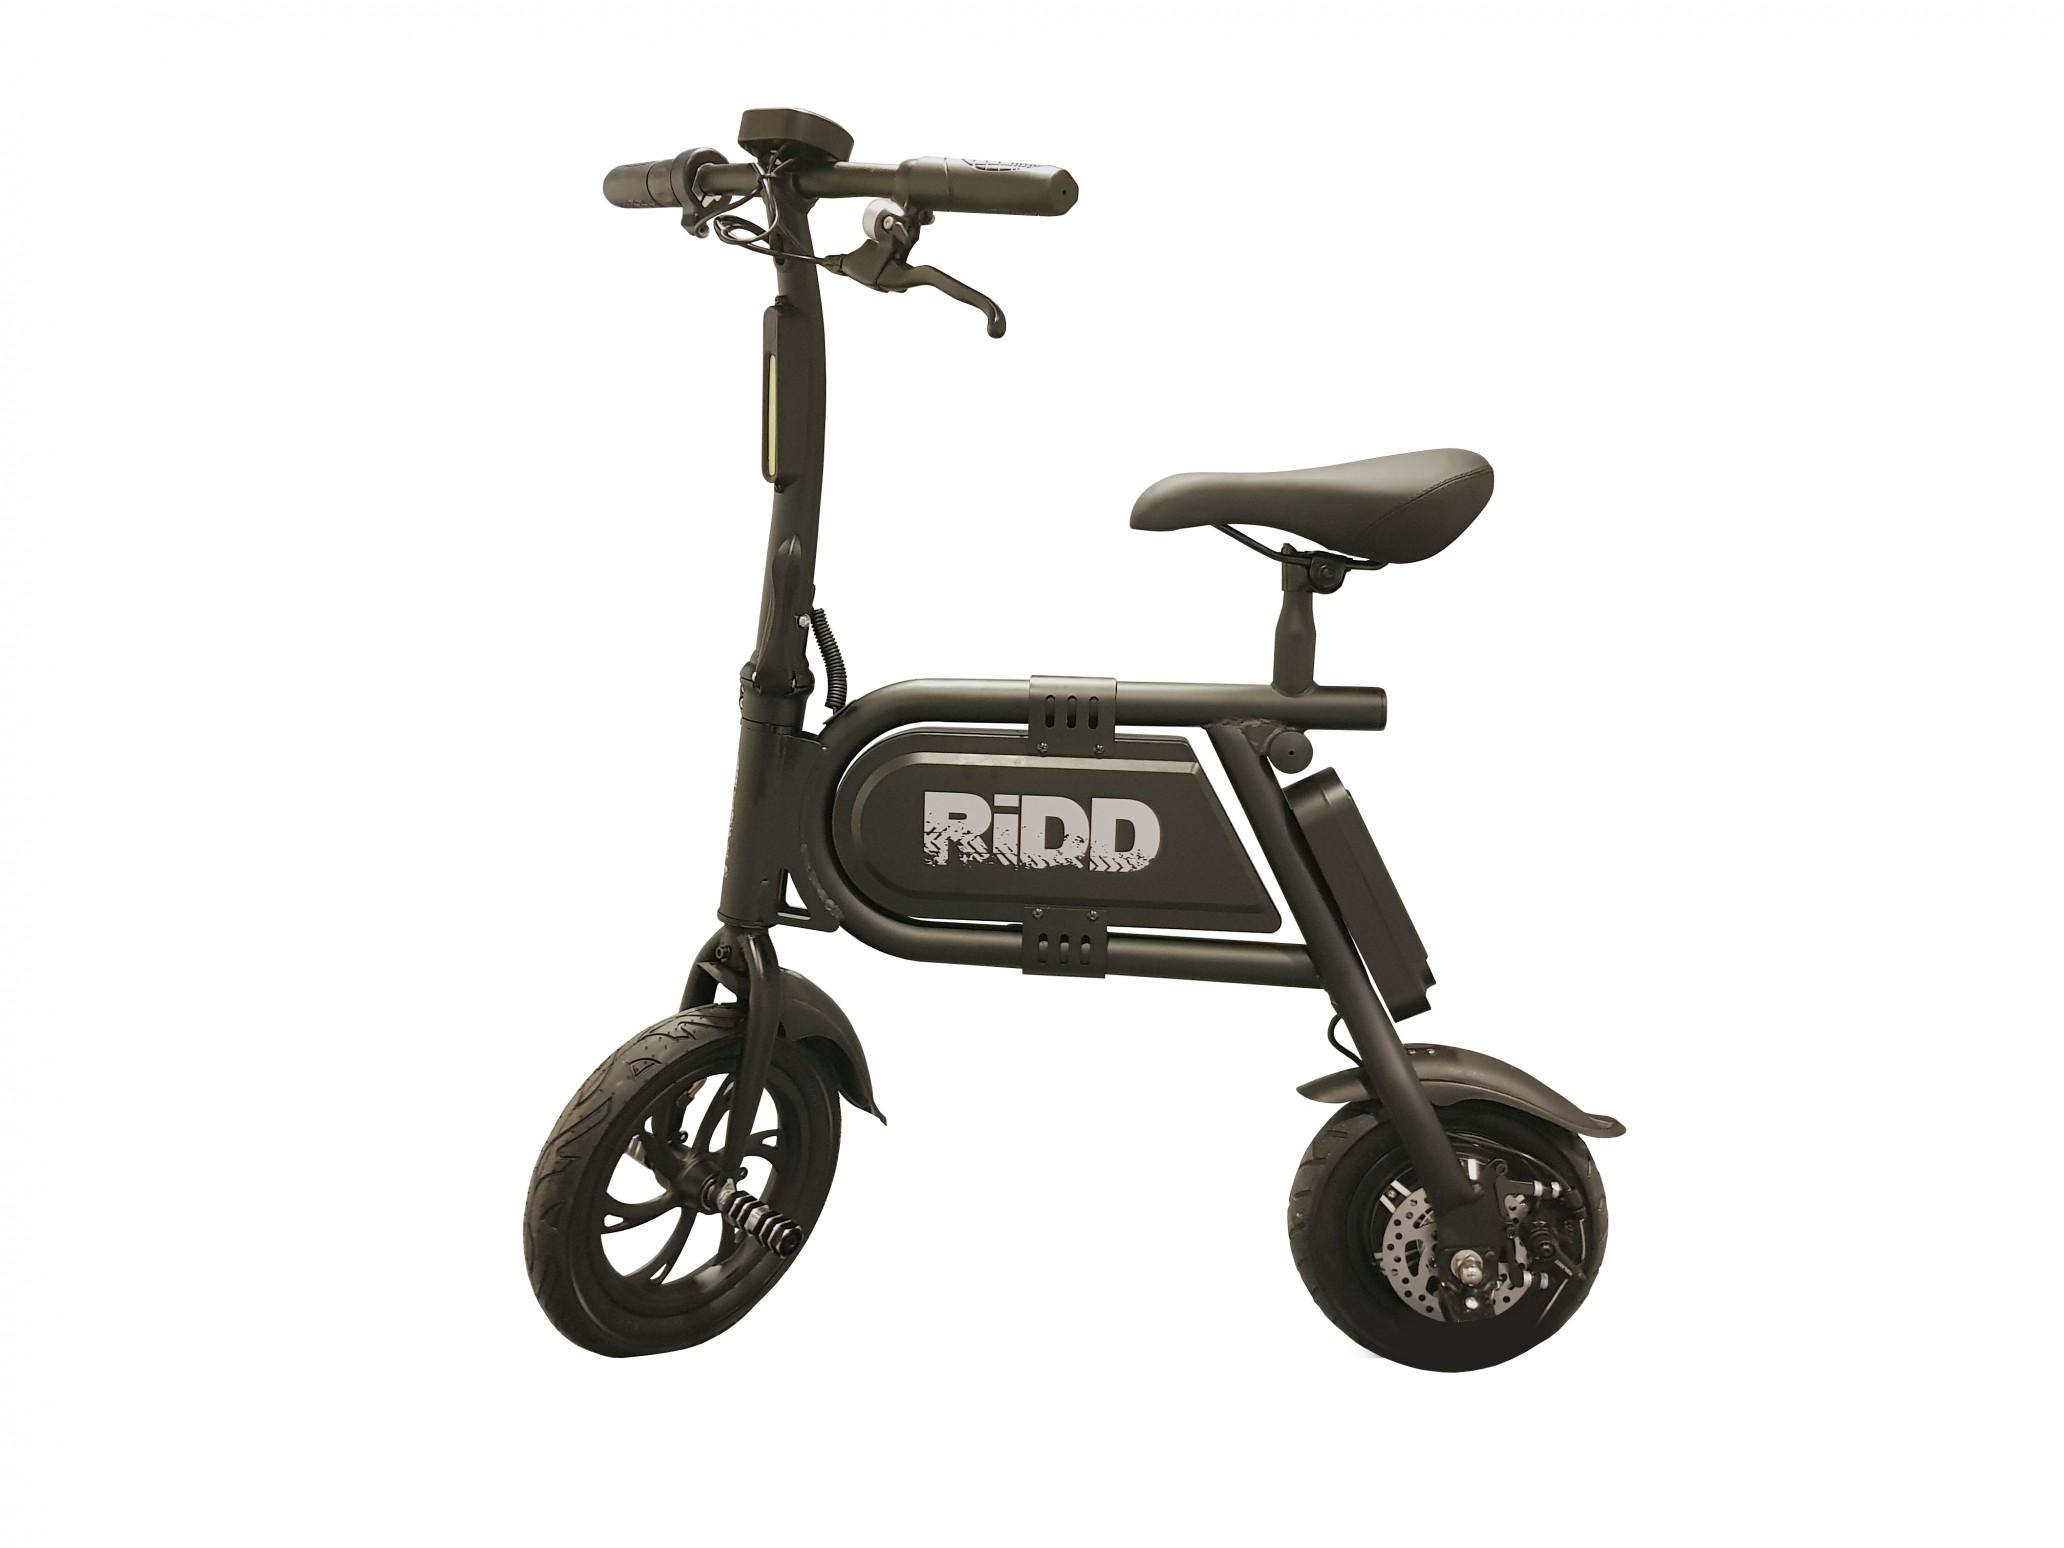 RIDD_E-Cruiser._02-uai-2064x1548